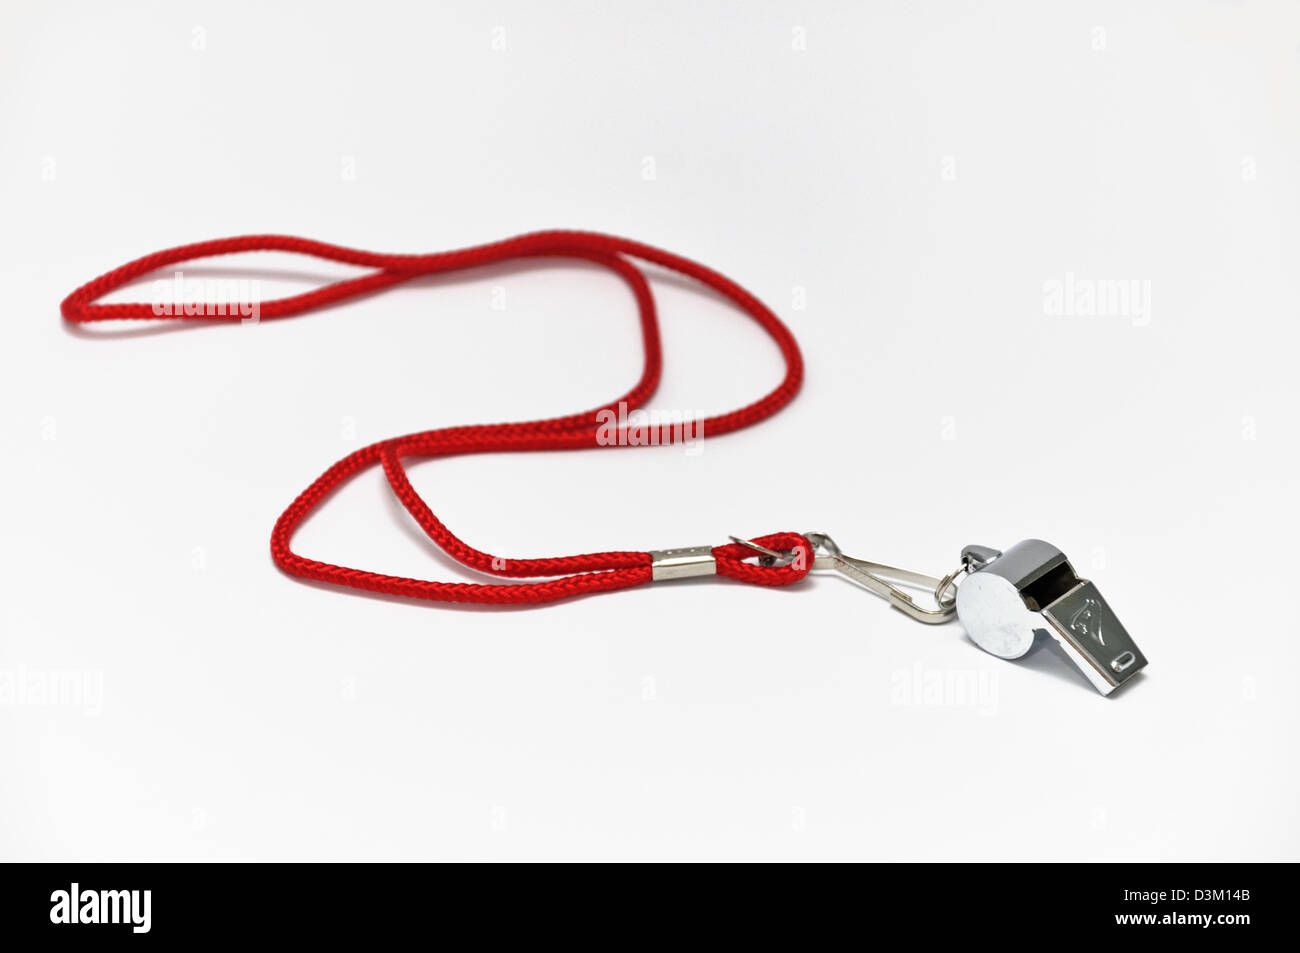 Fischio d'argento con cavo rosso isolato su bianco Immagini Stock